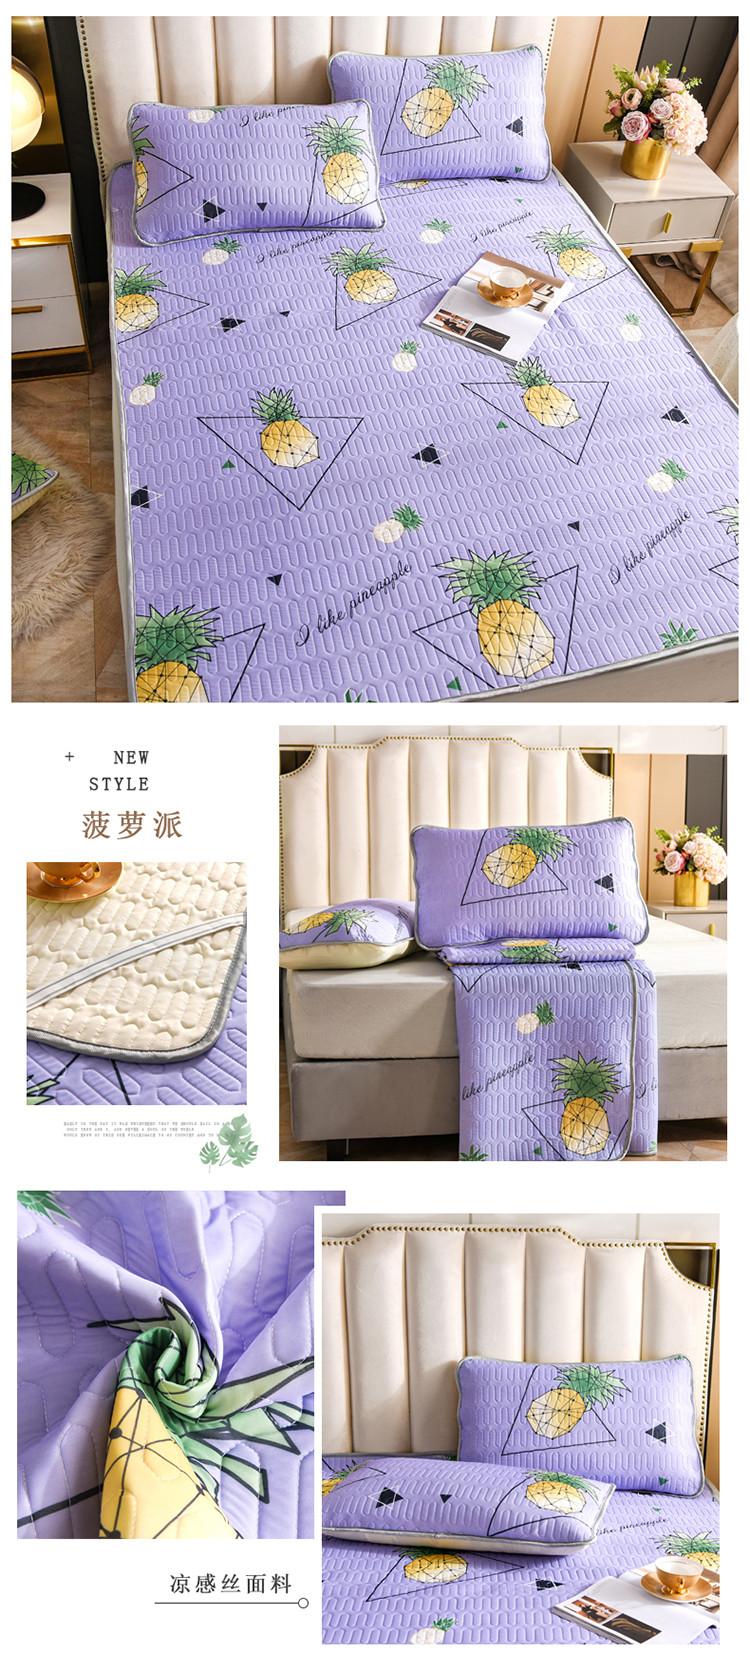 4菠萝派.jpg